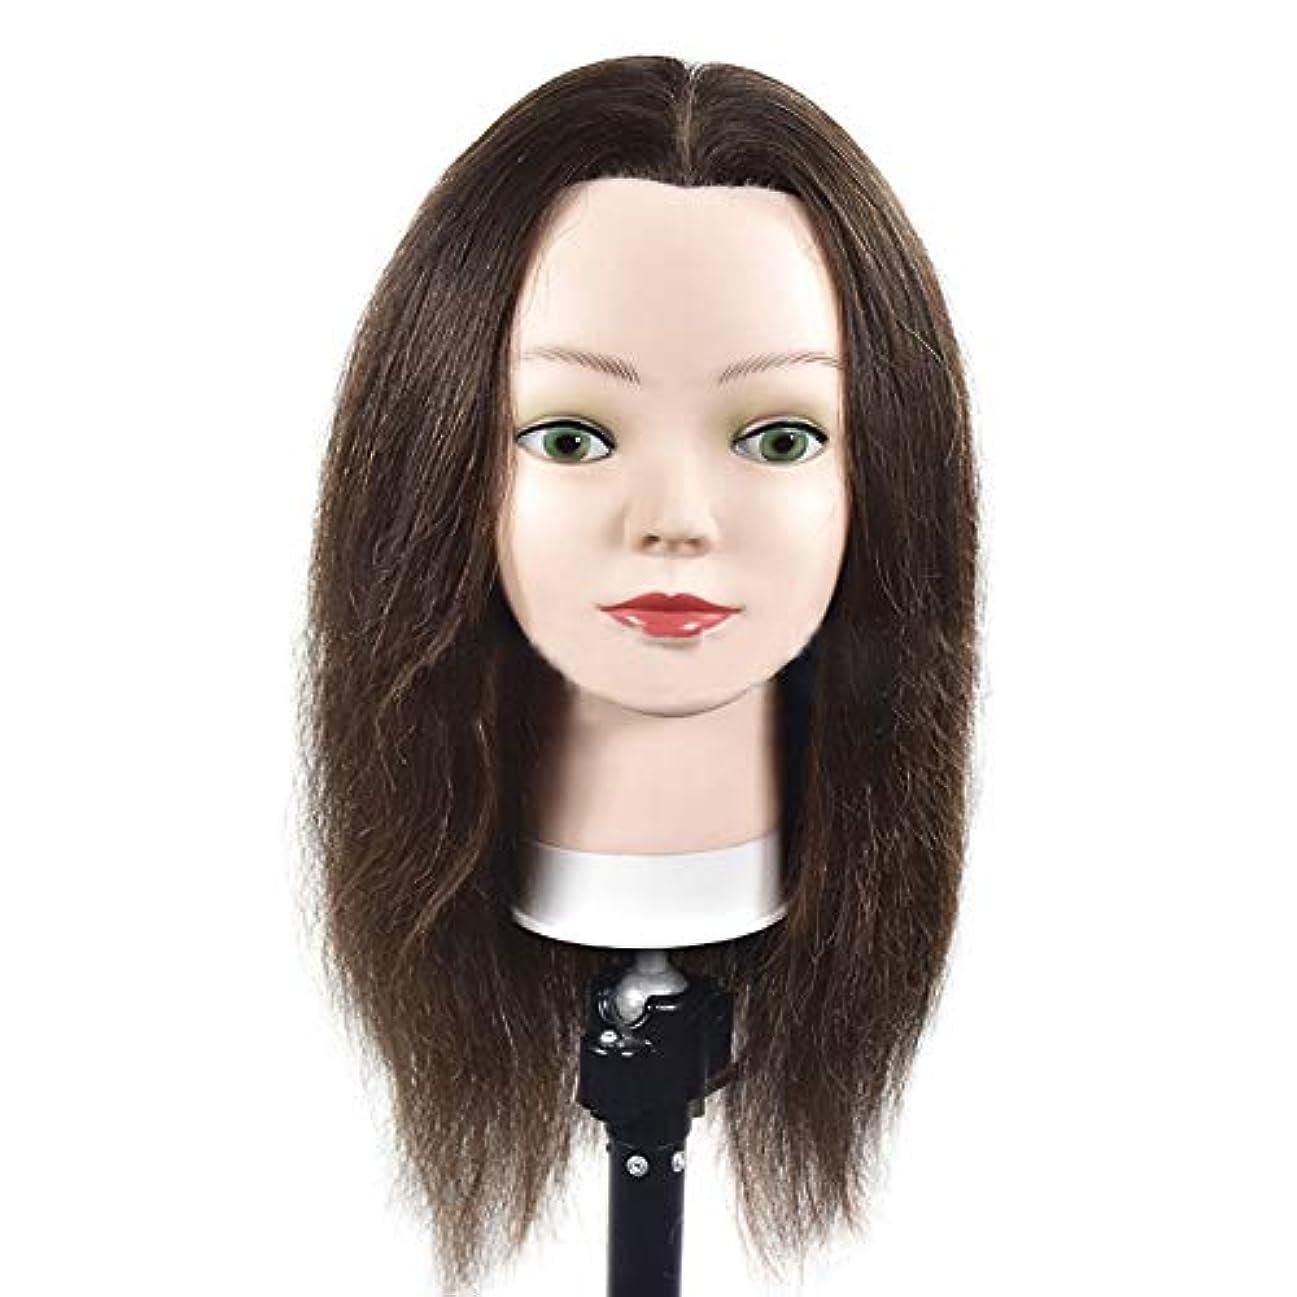 平手打ち粒子脳サロン髪編組理髪指導ヘッドスタイリング散髪ダミーヘッド化粧学習マネキンヘッド